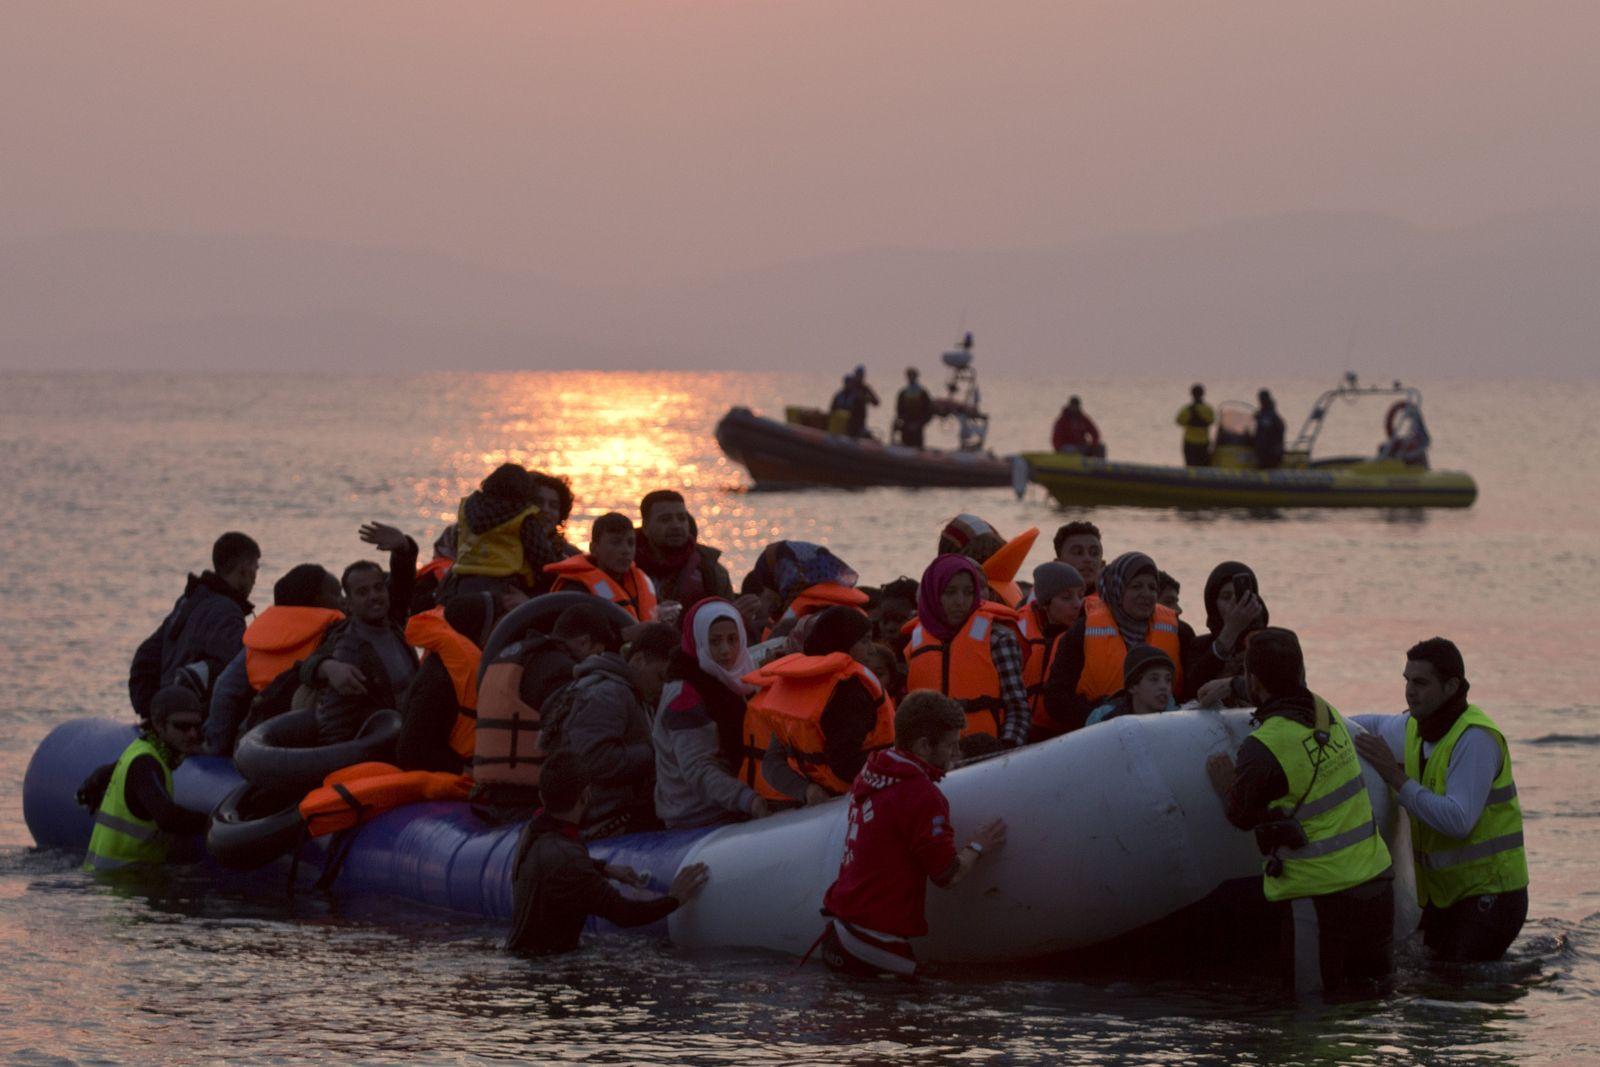 Griechenland/ Flüchtlinge/ Zustrom